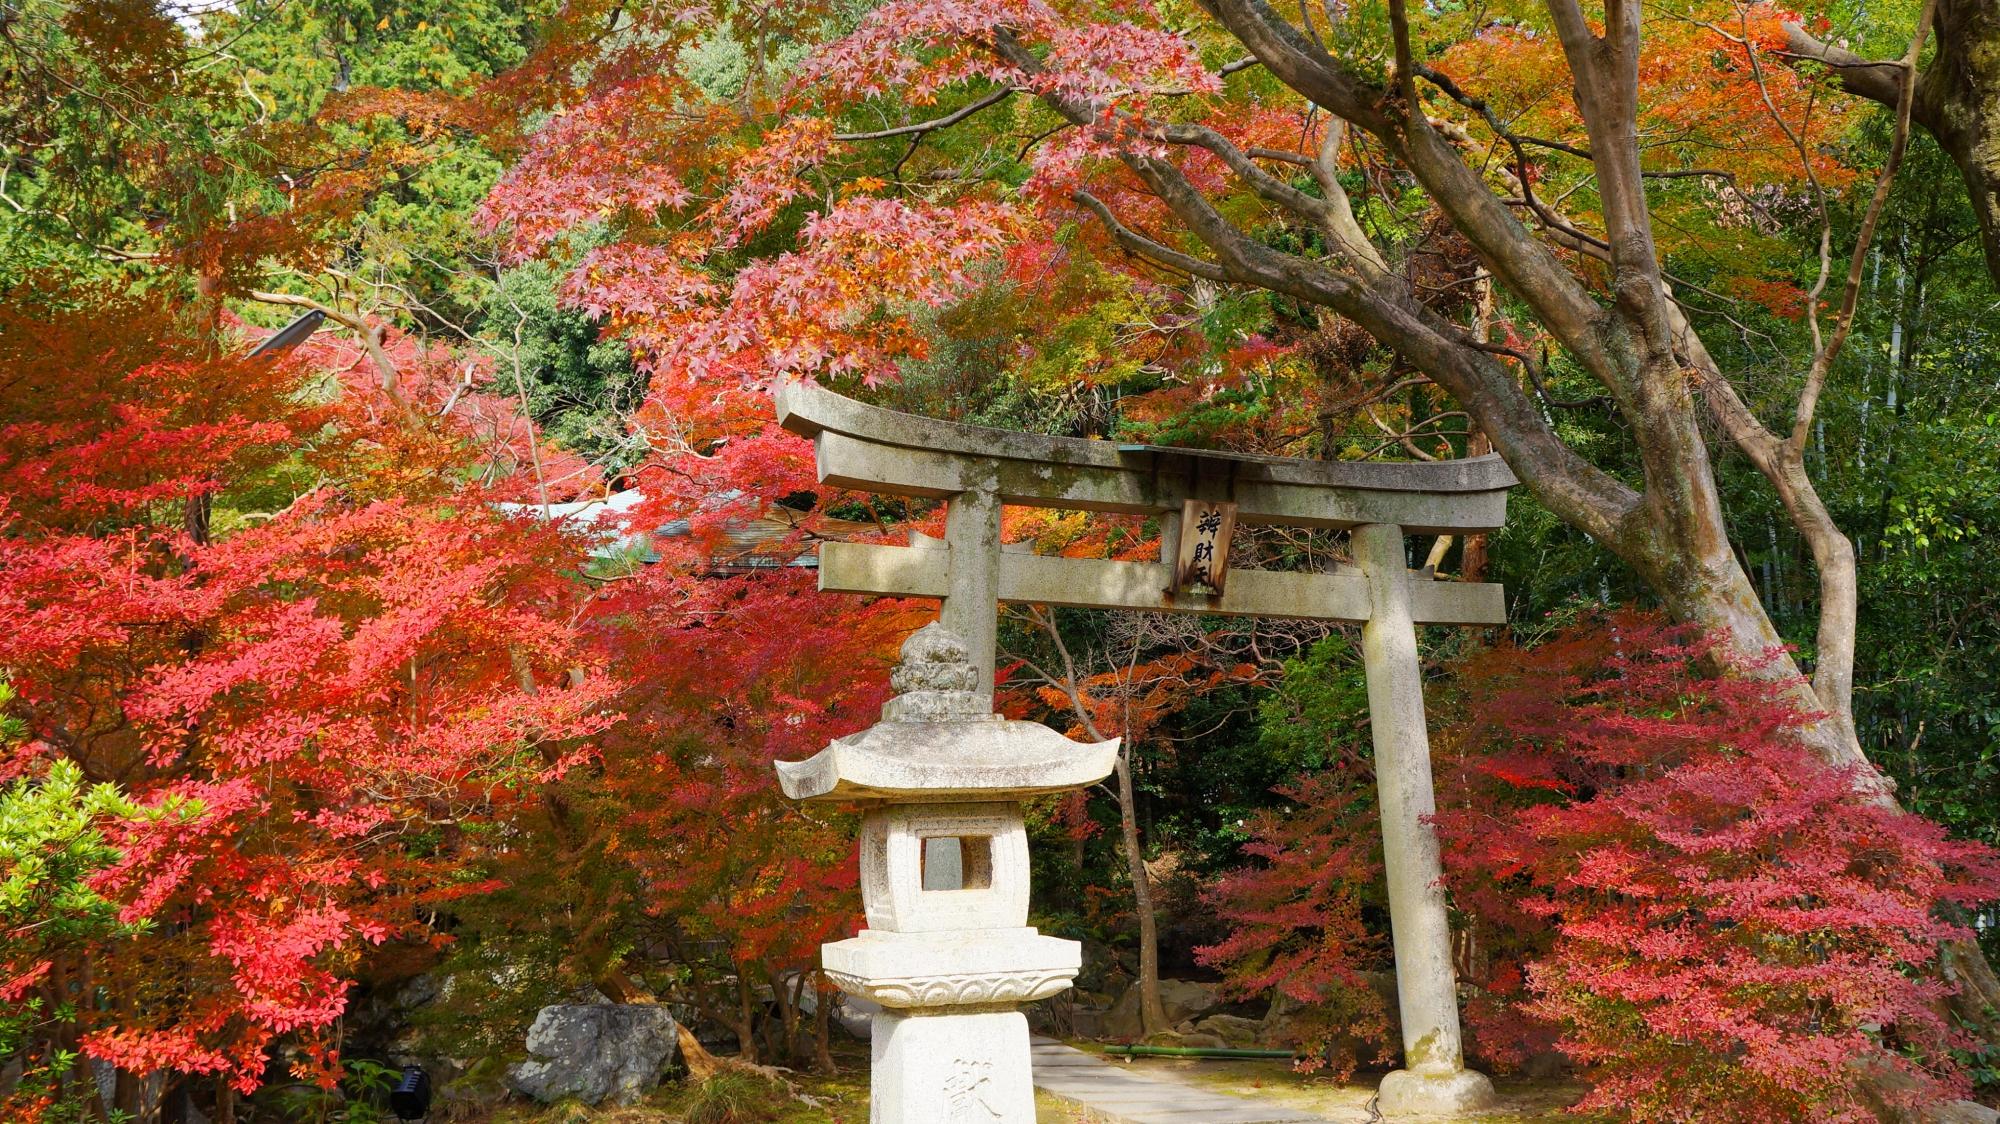 毘沙門堂の華やかな秋色の情景